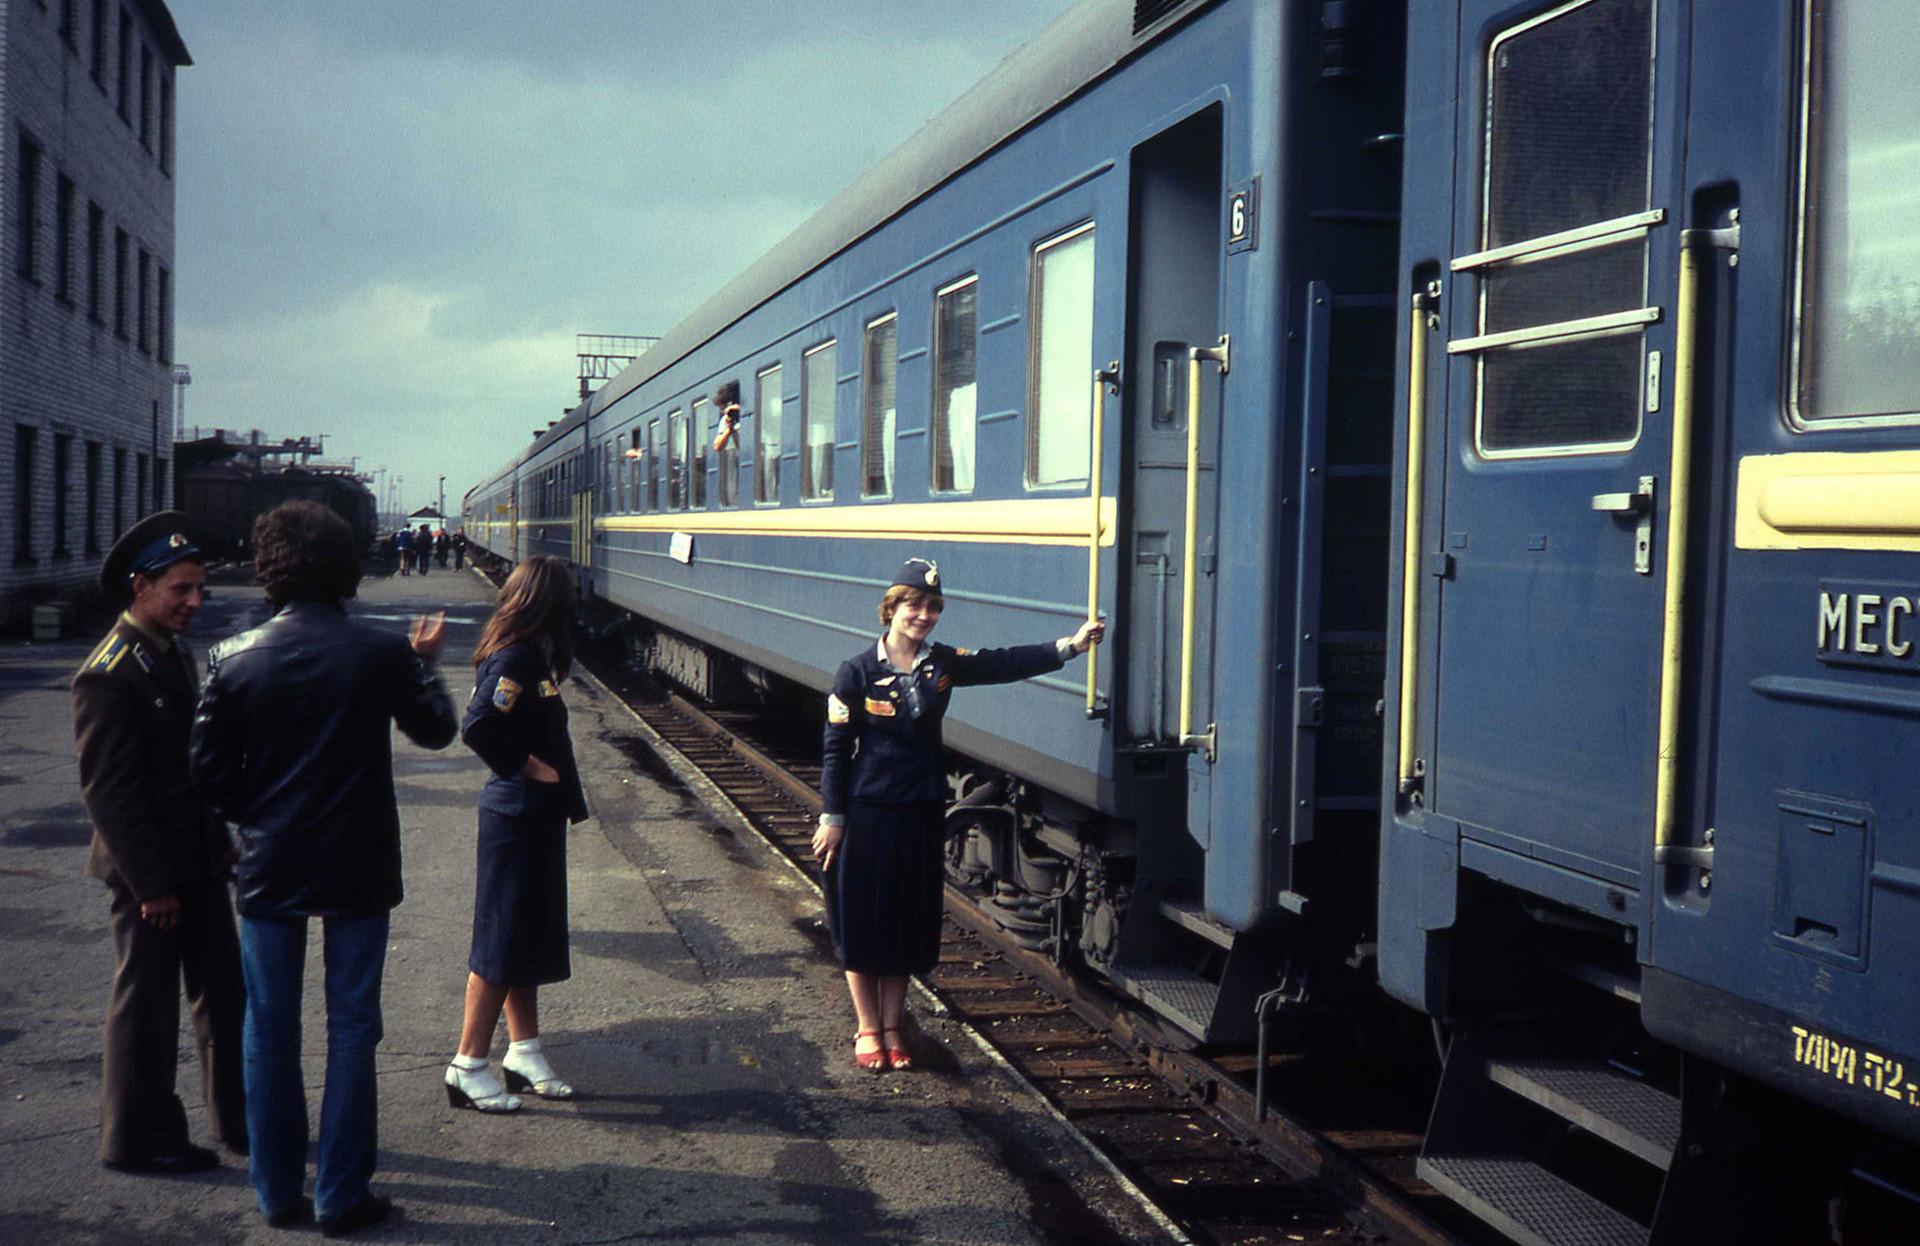 Treno in partenza, foto scattata nel 1982